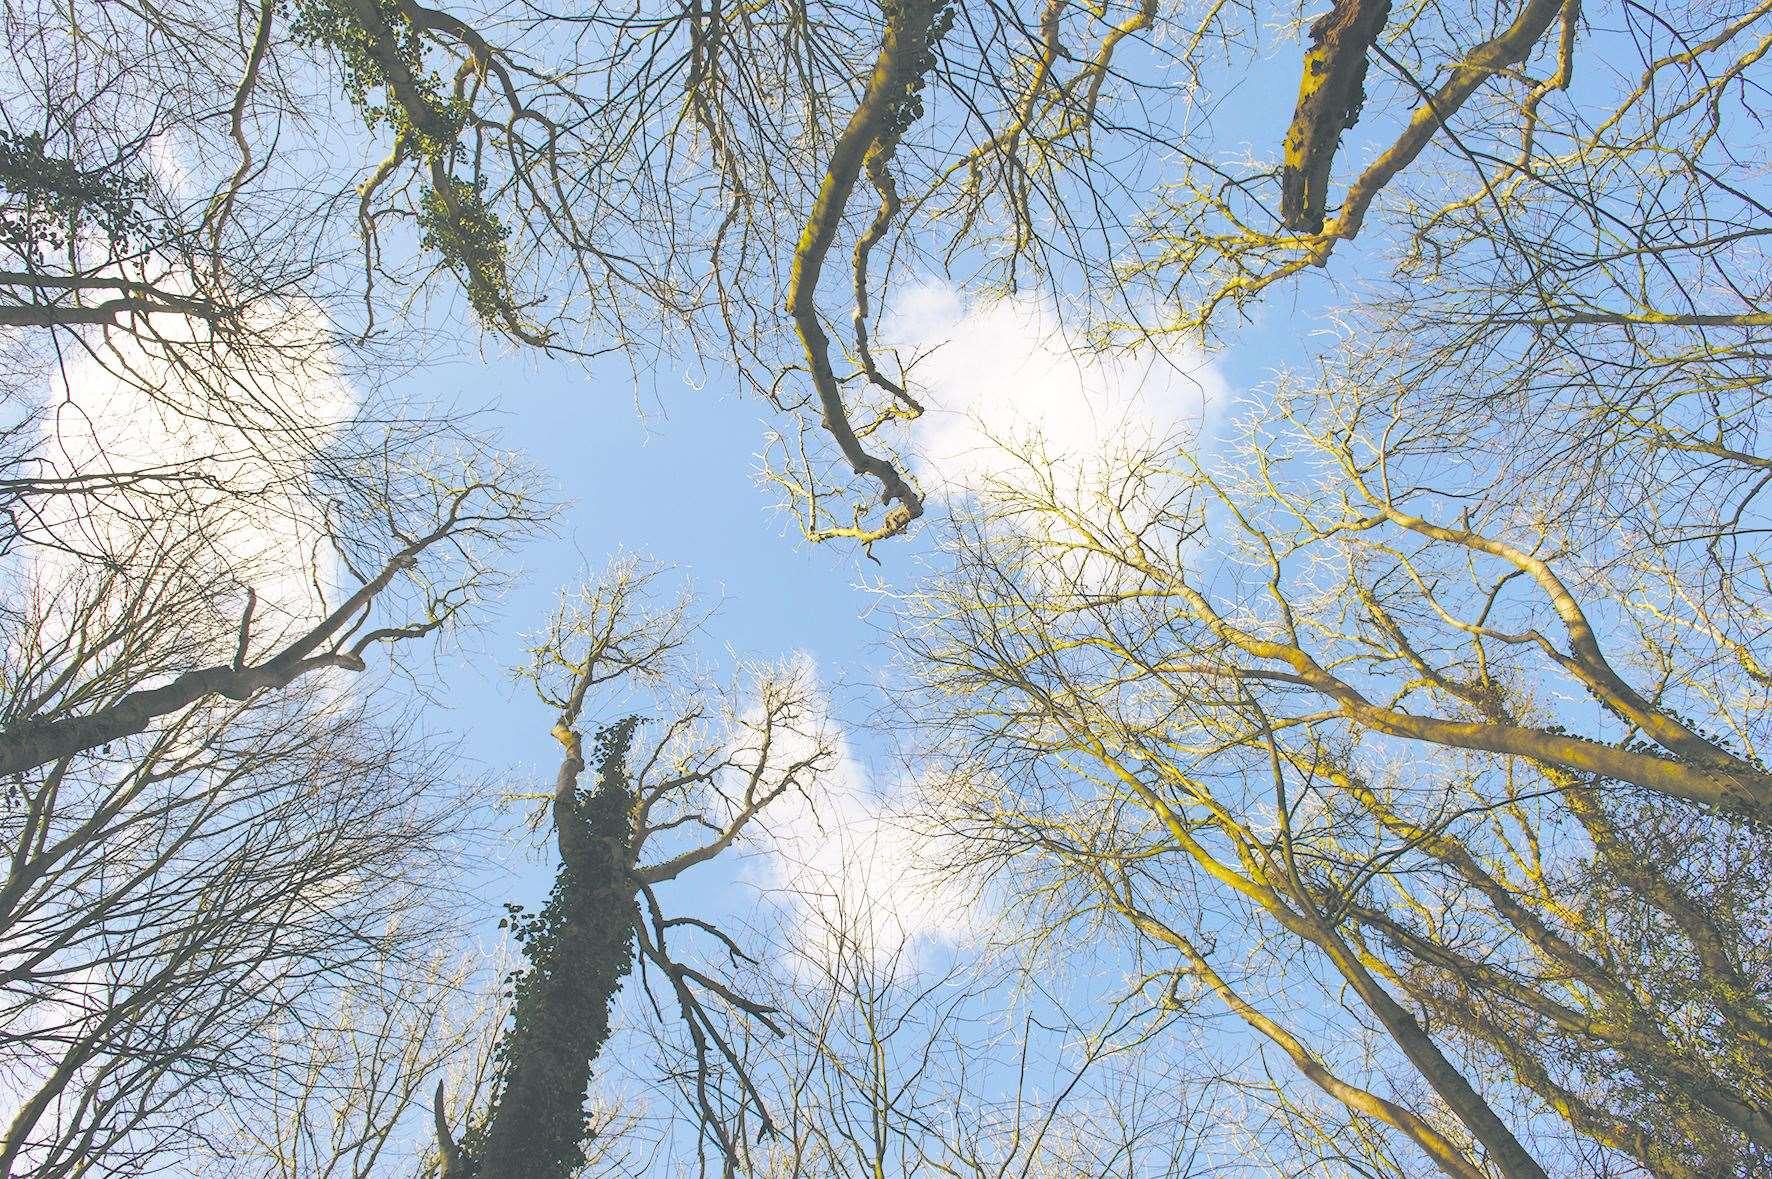 Les arbres boivent jusqu'à 100 litres d'eau de pluie par jour